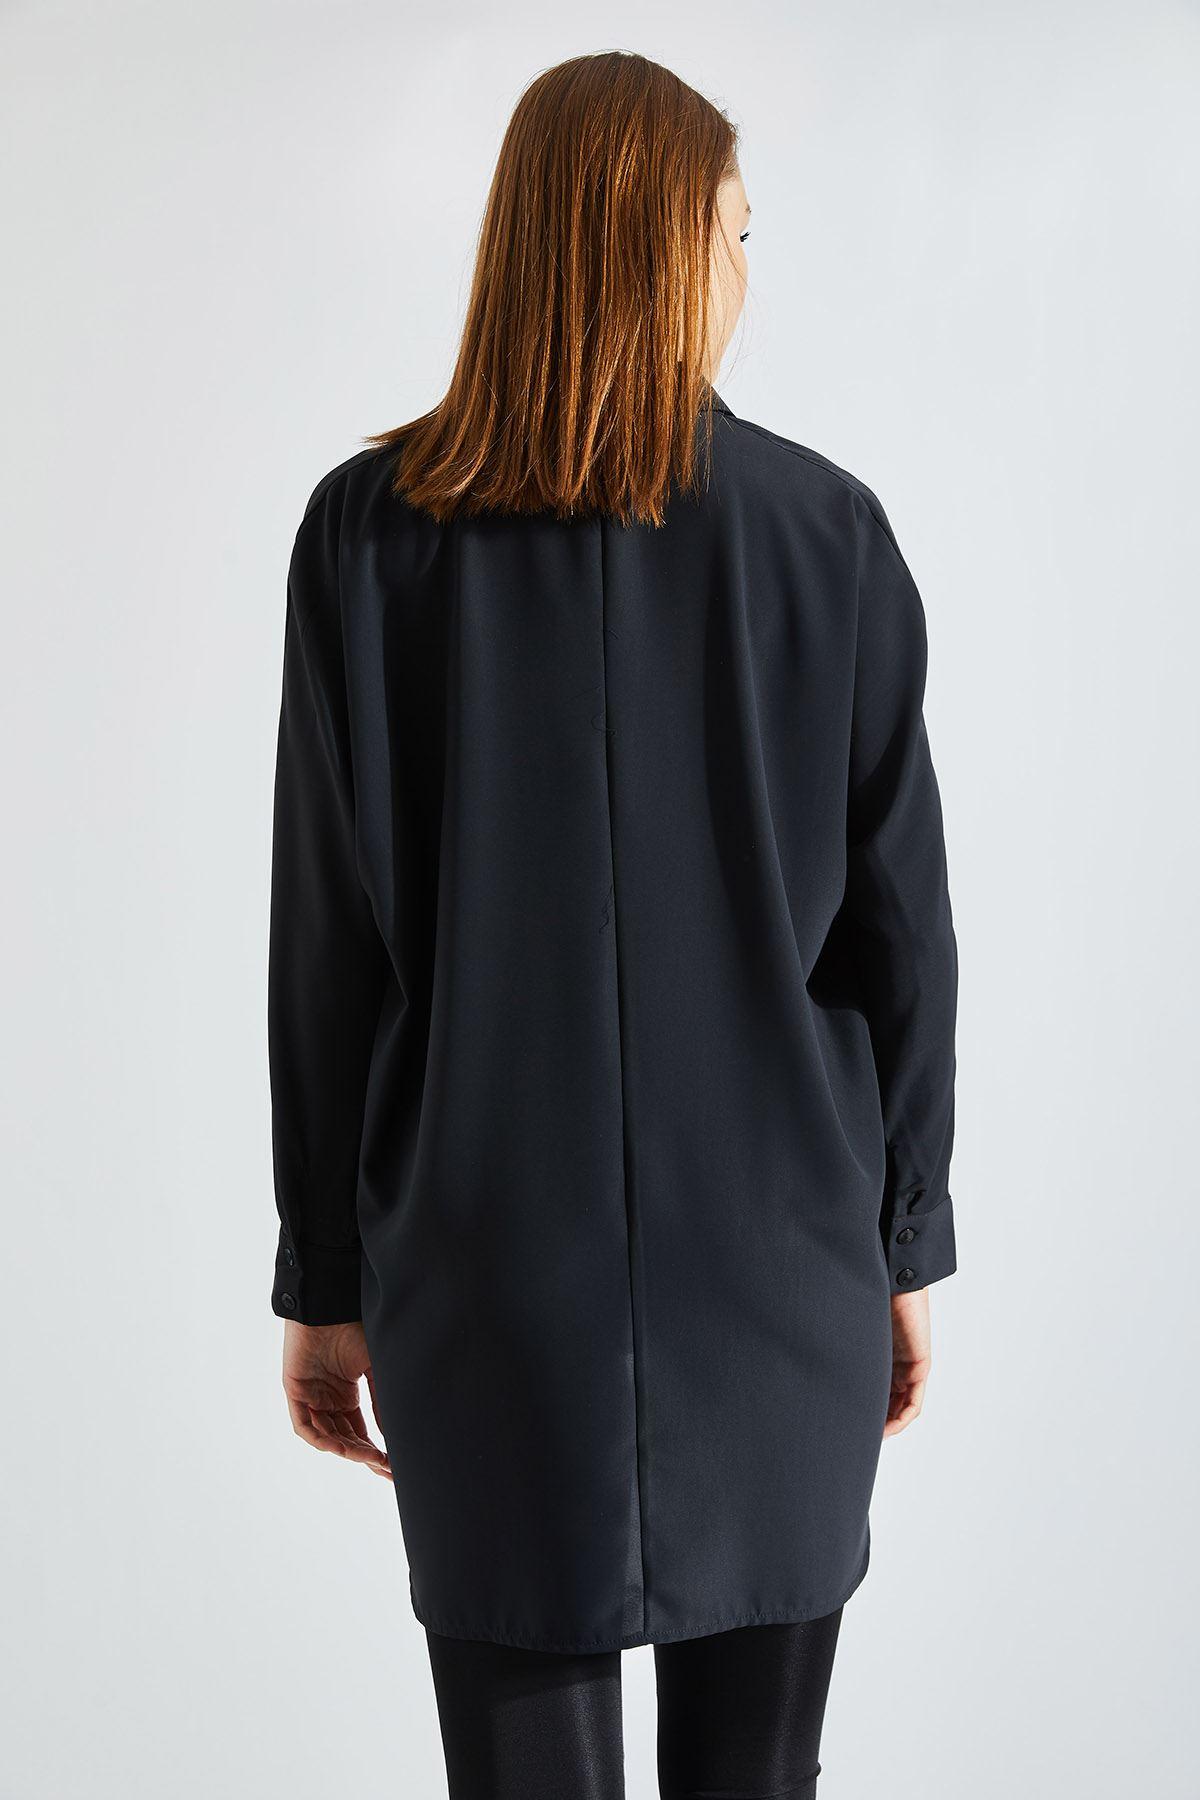 Kadın Cepli Siyah Gömlek